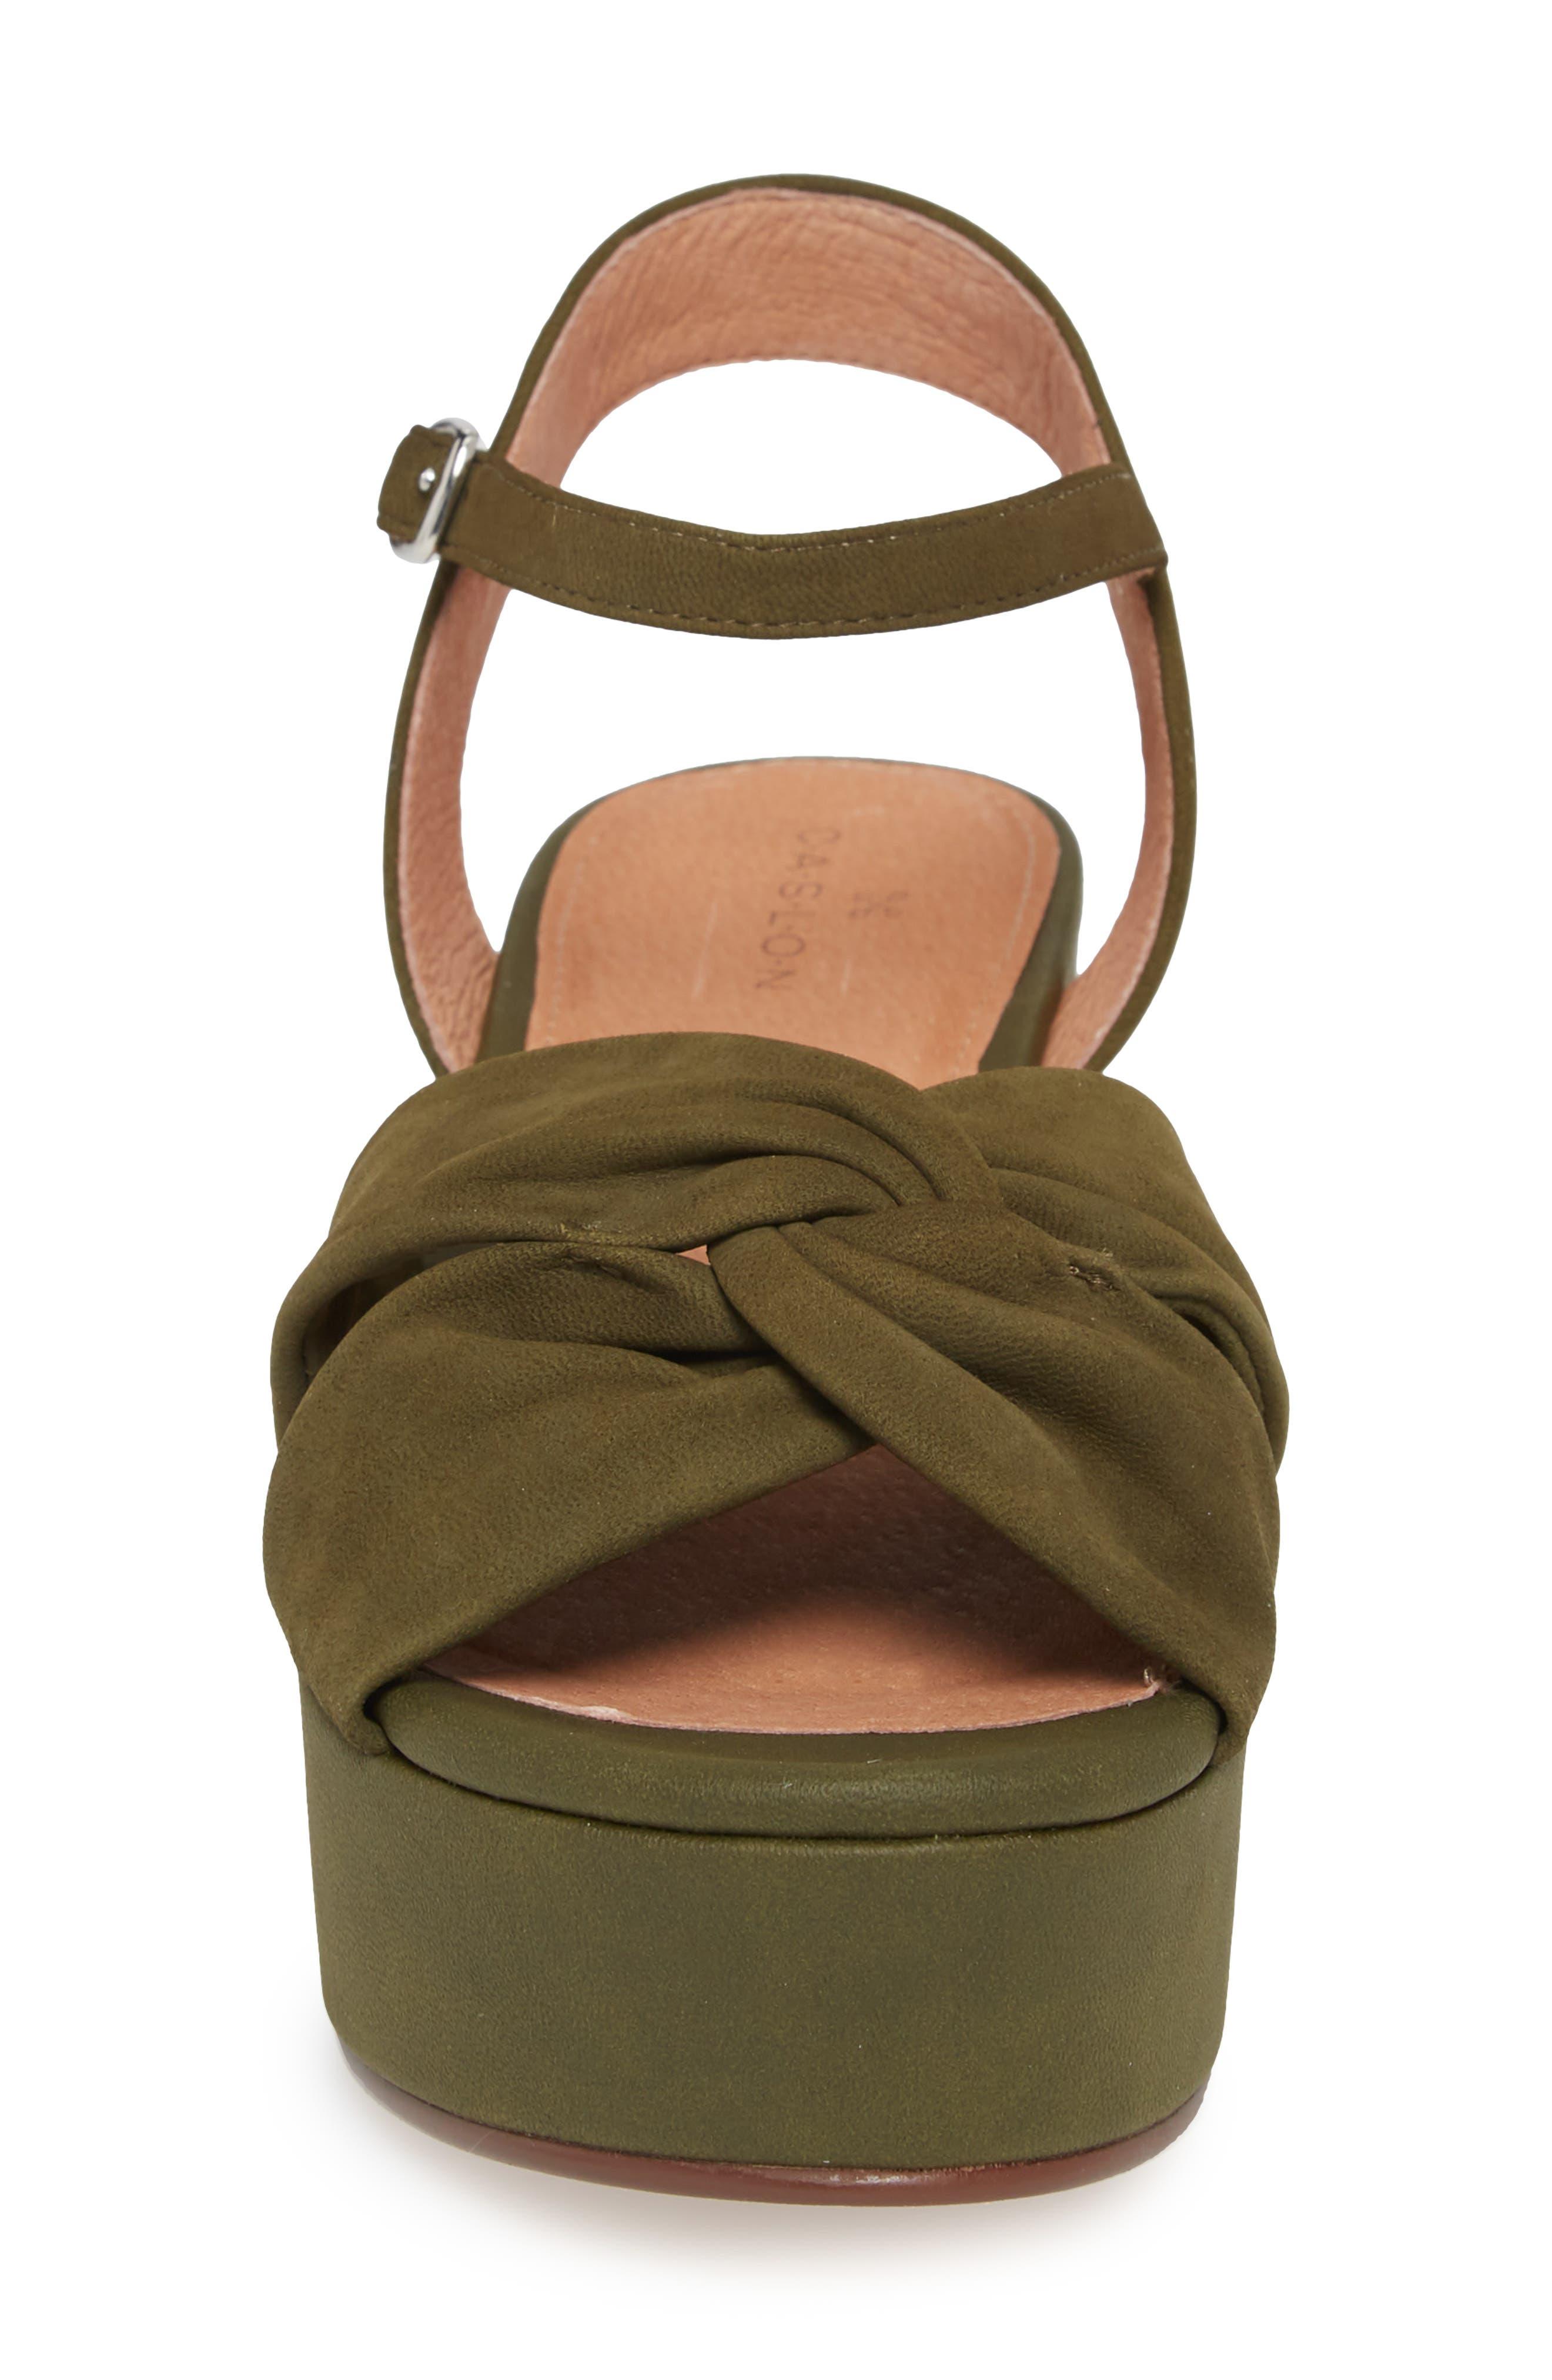 Ryder Platform Sandal,                             Alternate thumbnail 4, color,                             Olive Nubuck